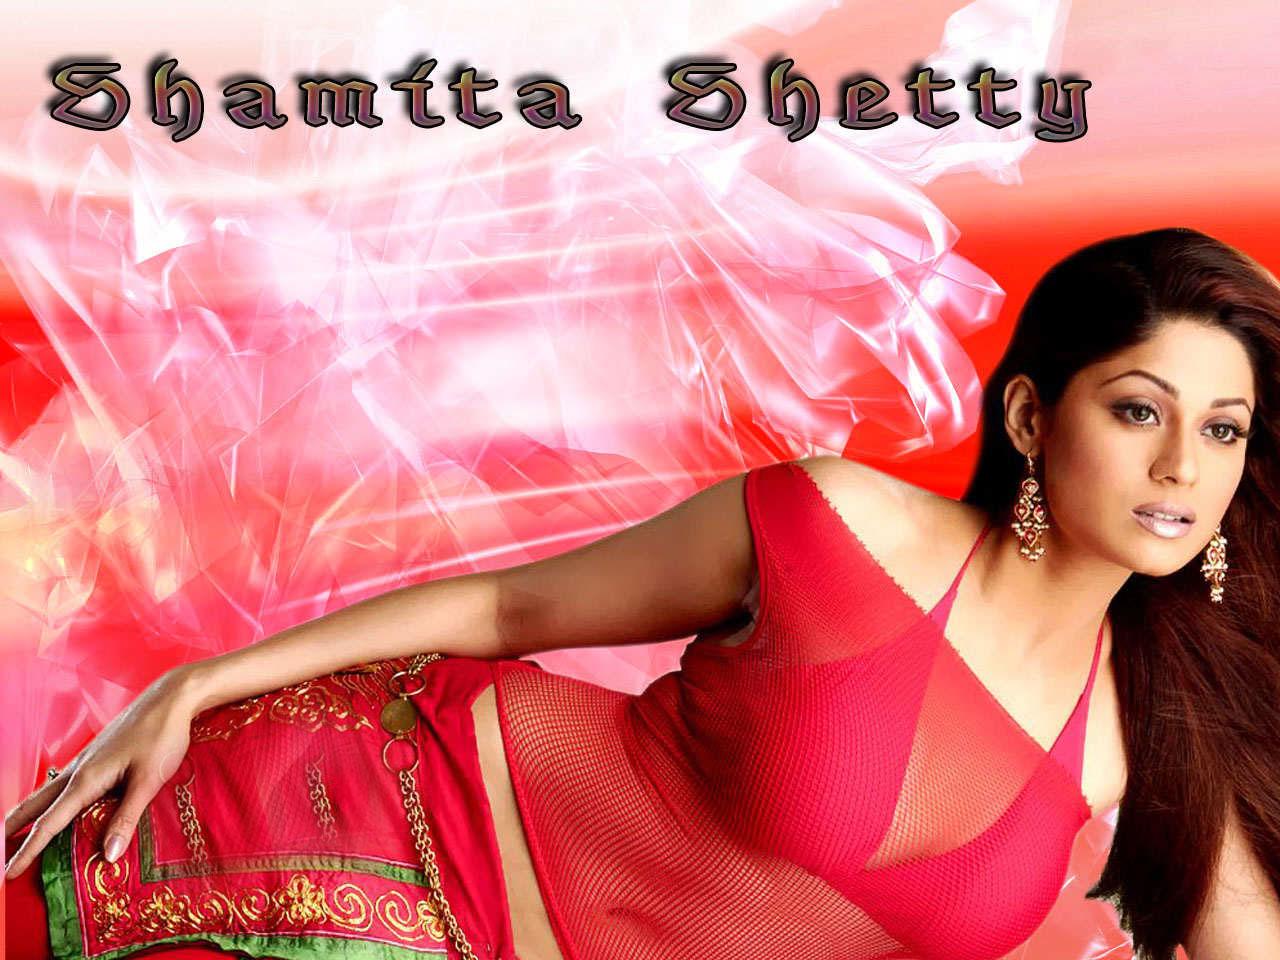 http://1.bp.blogspot.com/-VybS-TsVFWU/UP_tuo75Y2I/AAAAAAAAFqo/LCEUBkr6yGE/s1600/shamita-shetty-wallpapers+(4).jpg